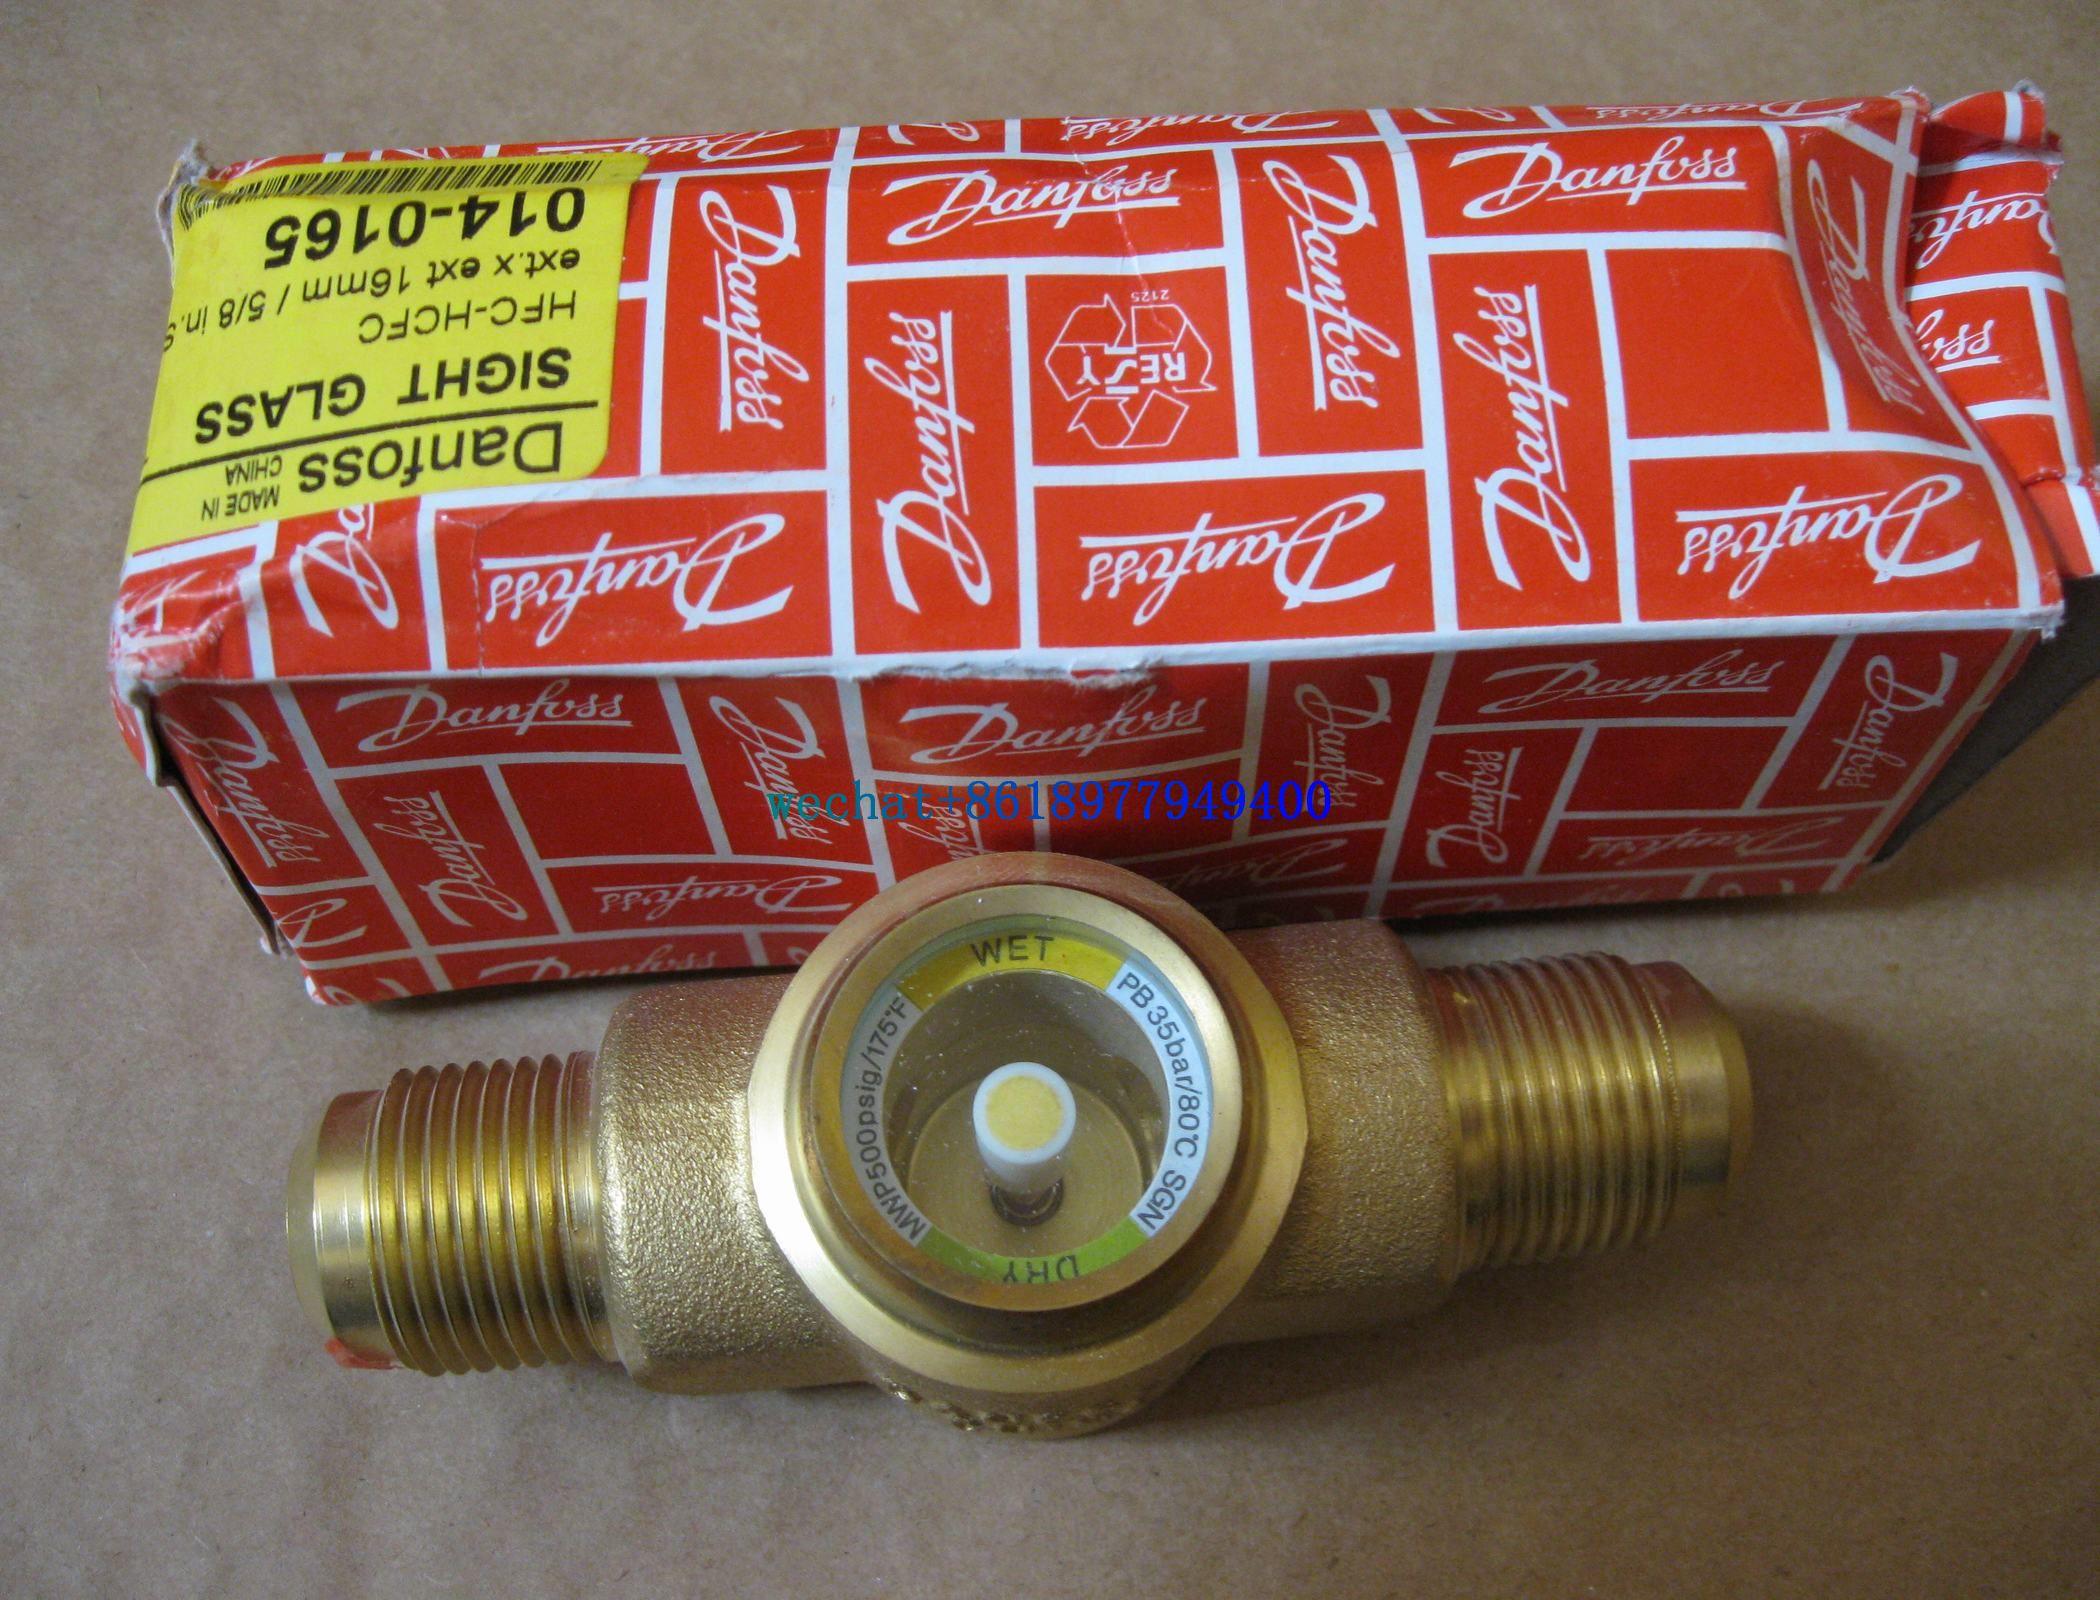 Types SGI6-10S/SGN12-16-22S Danfoss Sight glass